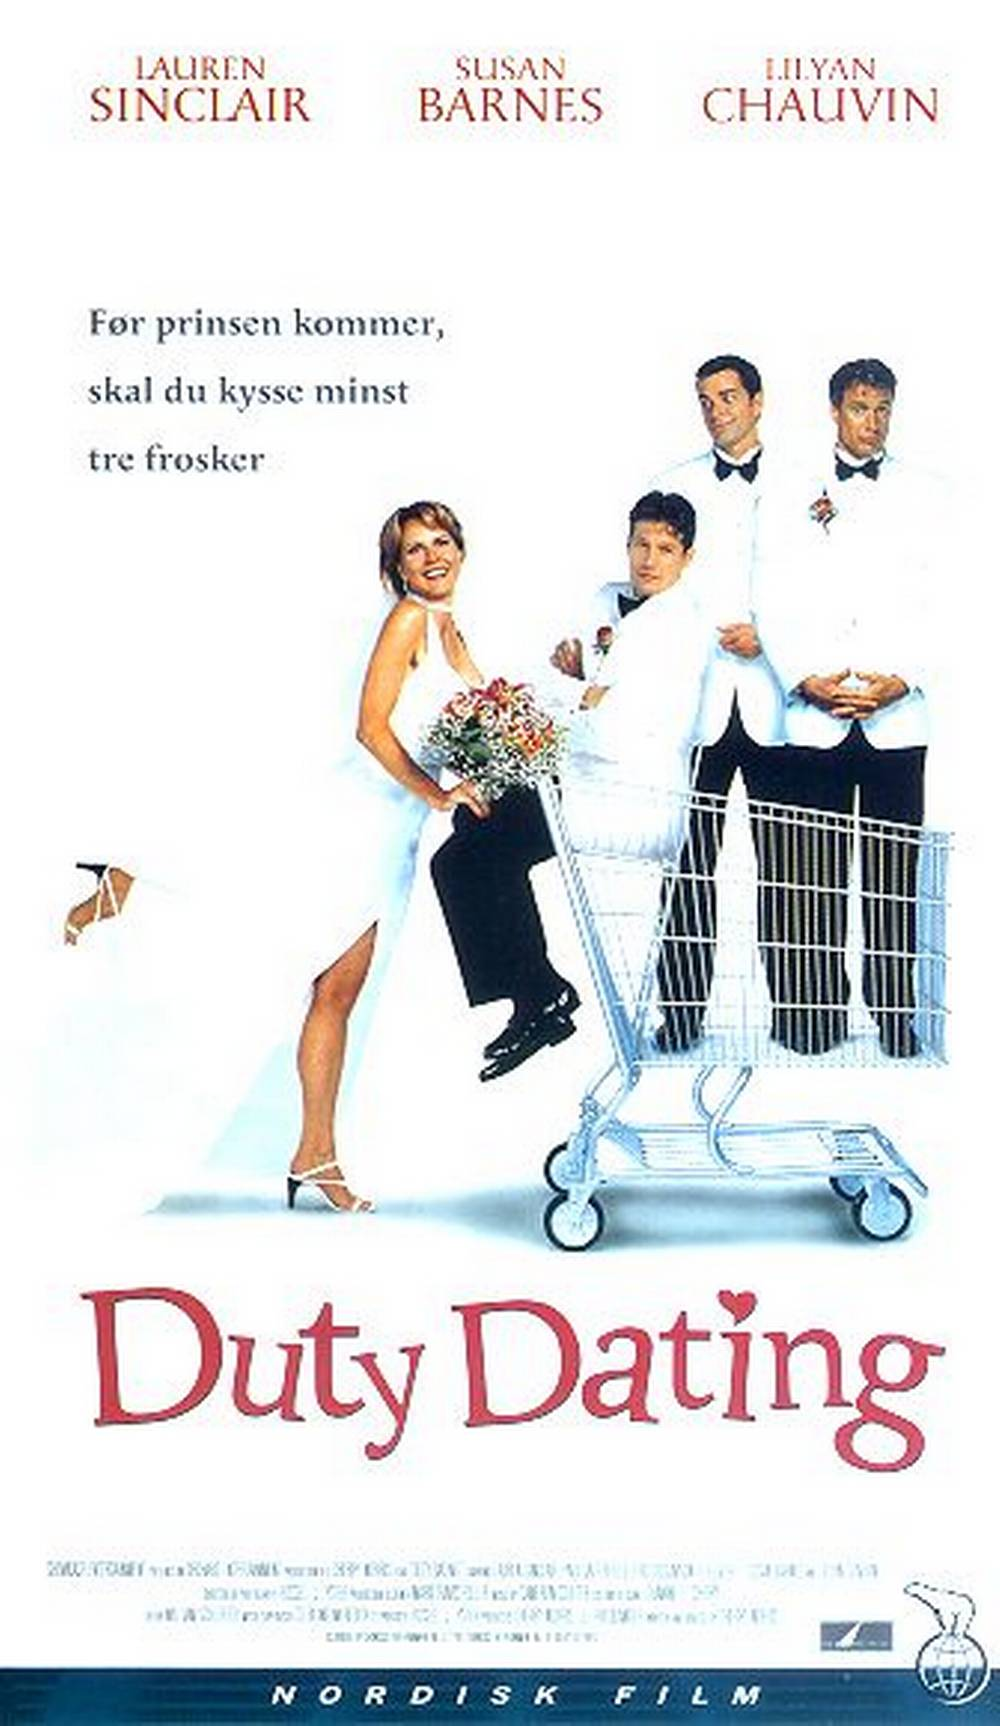 tilbake verdi dating